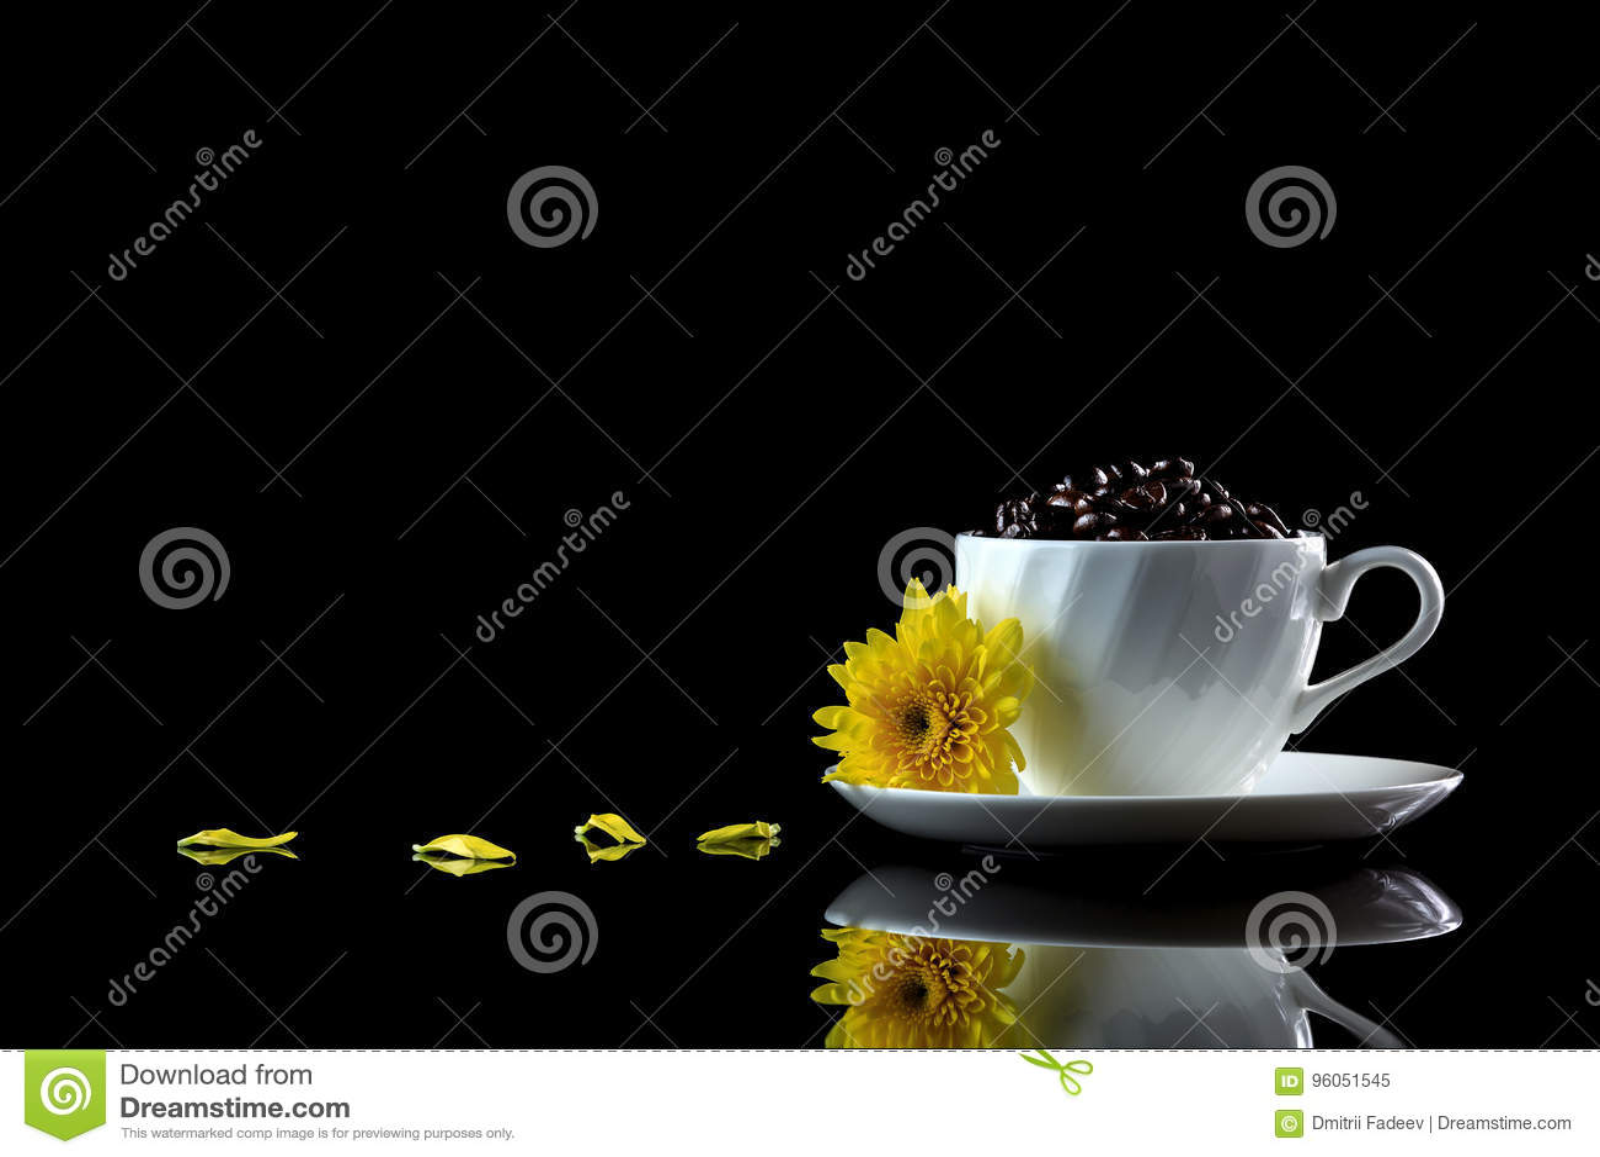 La tasse avec des grains de café et le chrysanthème jaune sur un noir se reflètent